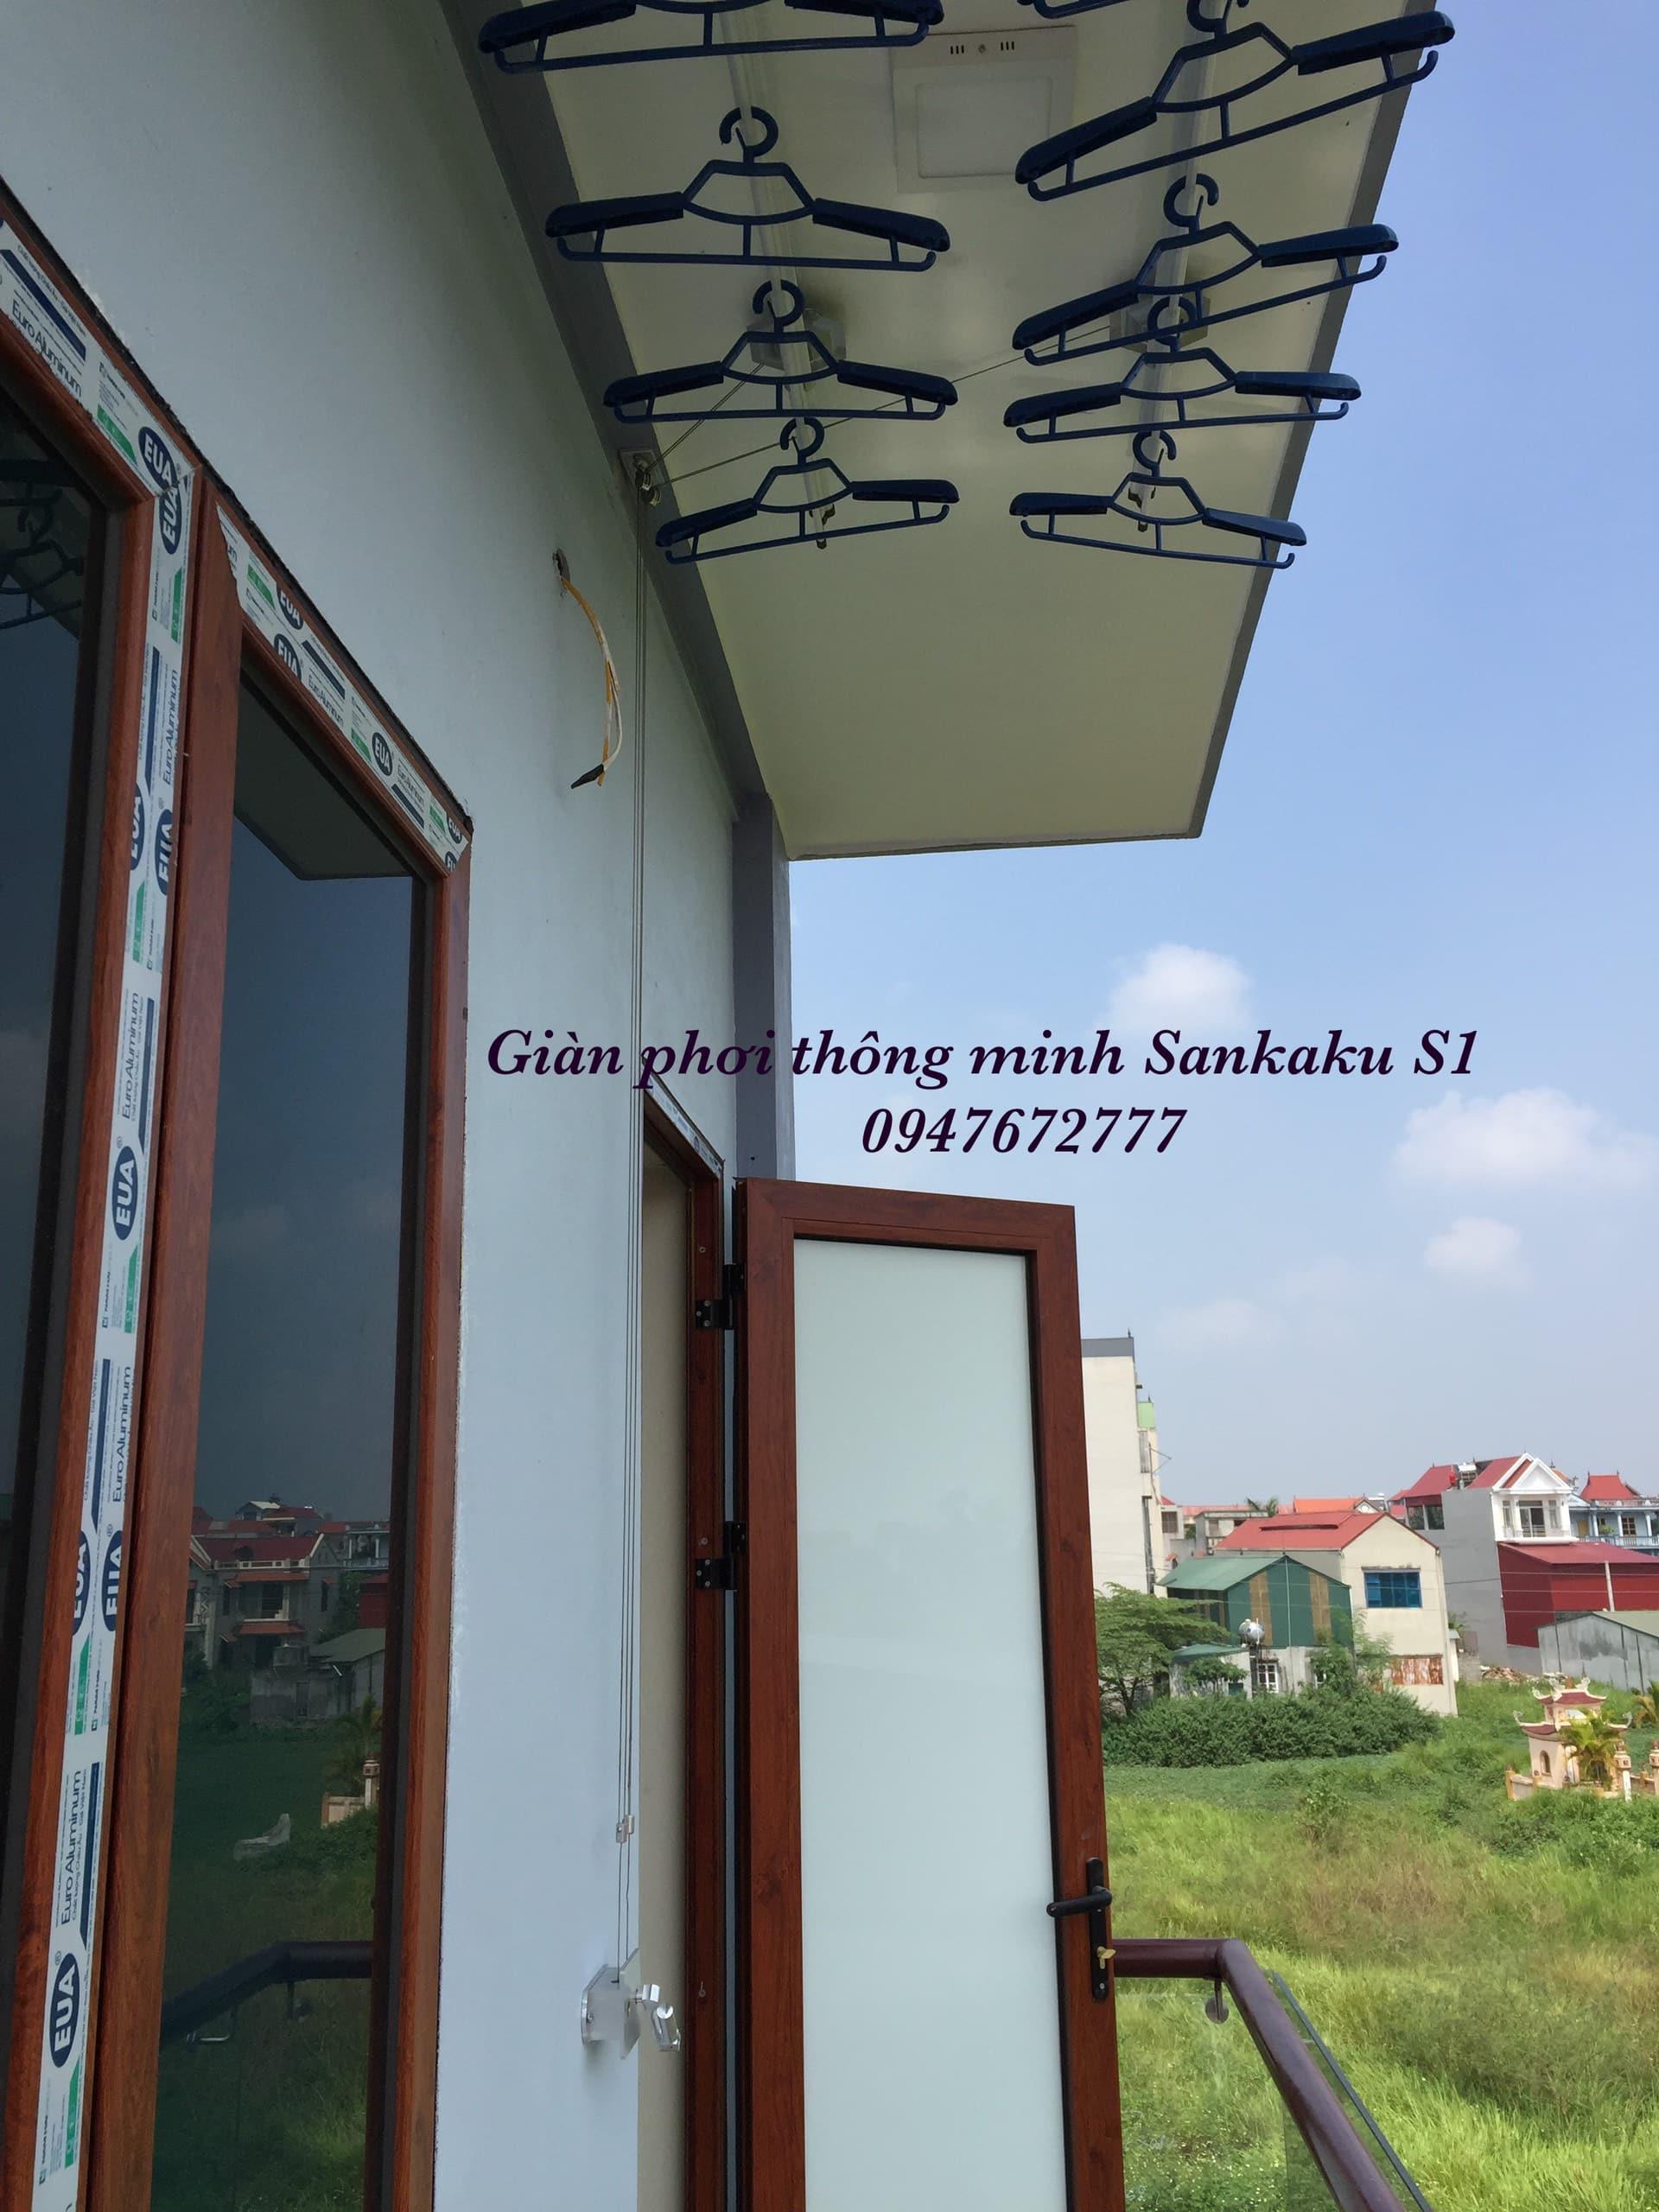 gian phoi thong minh sankaku s1 7